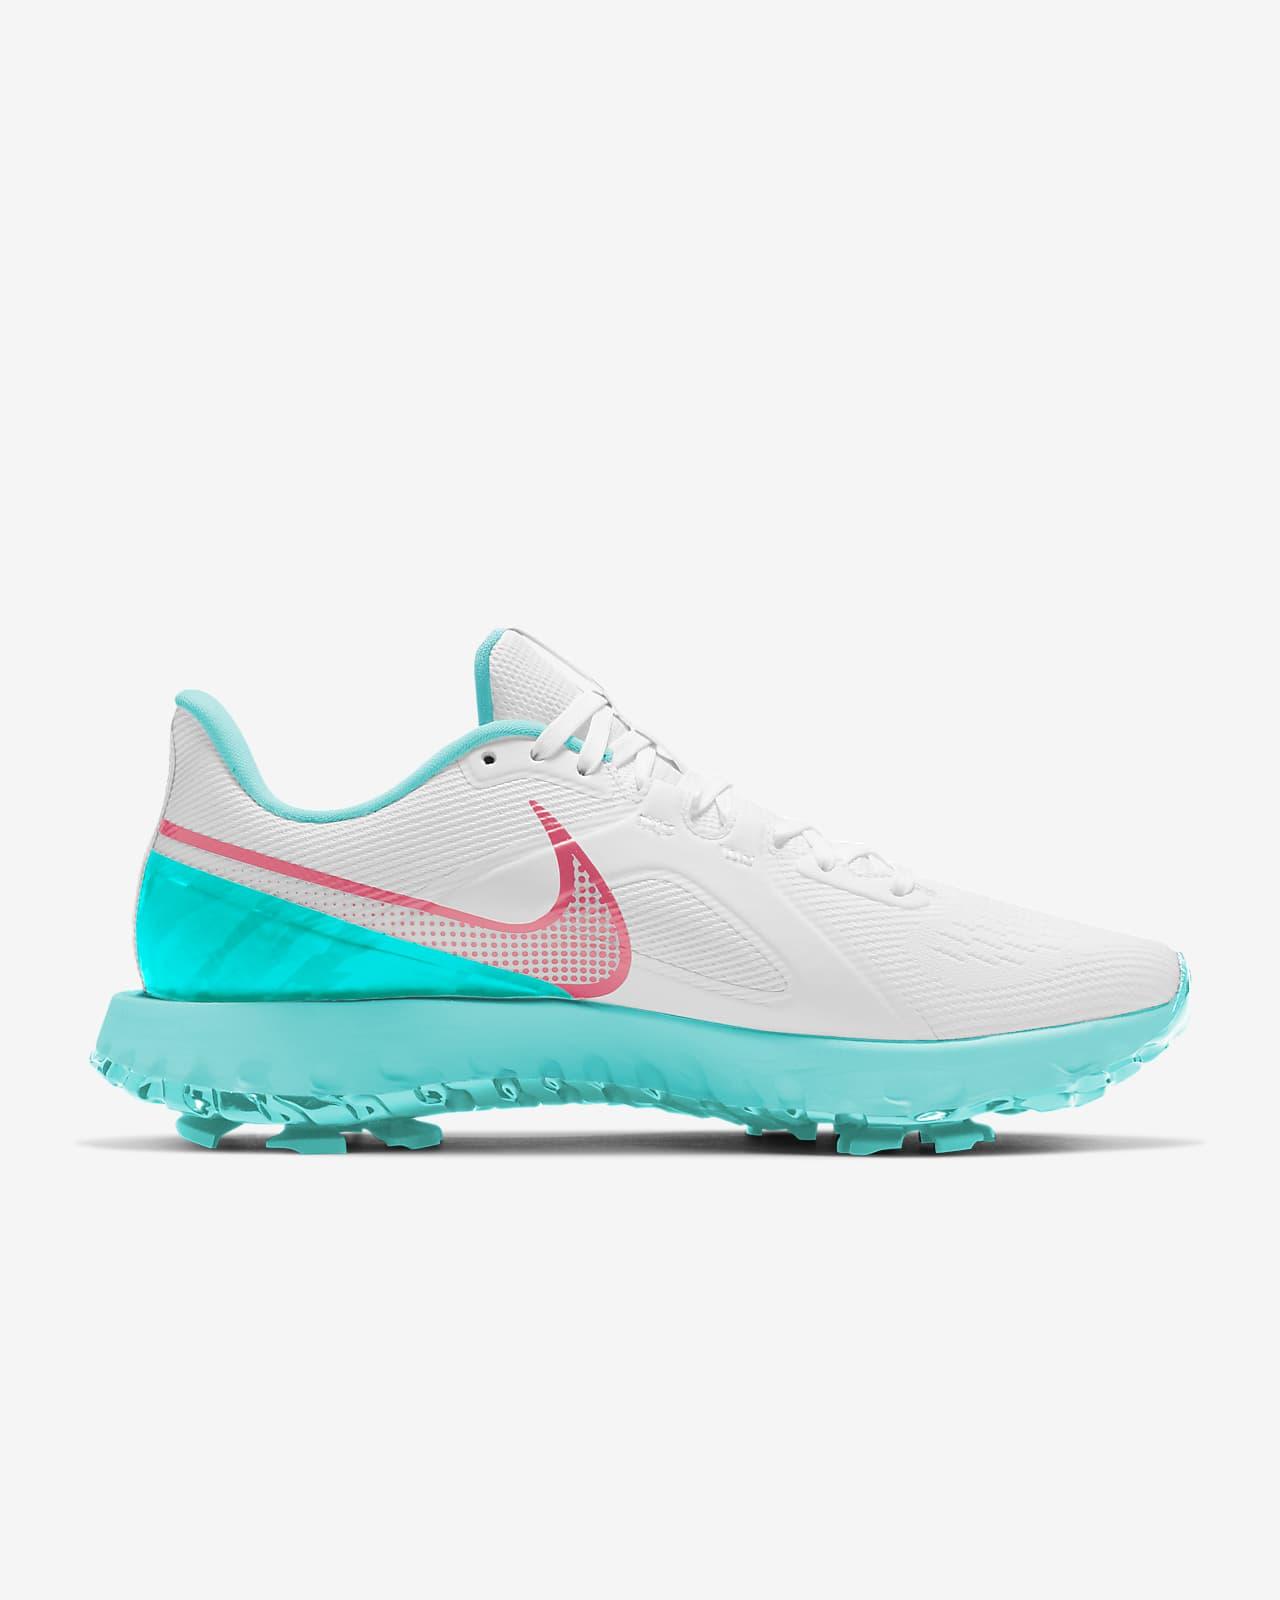 Nike React Infinity Pro Golf Shoes (Wide). Nike.com